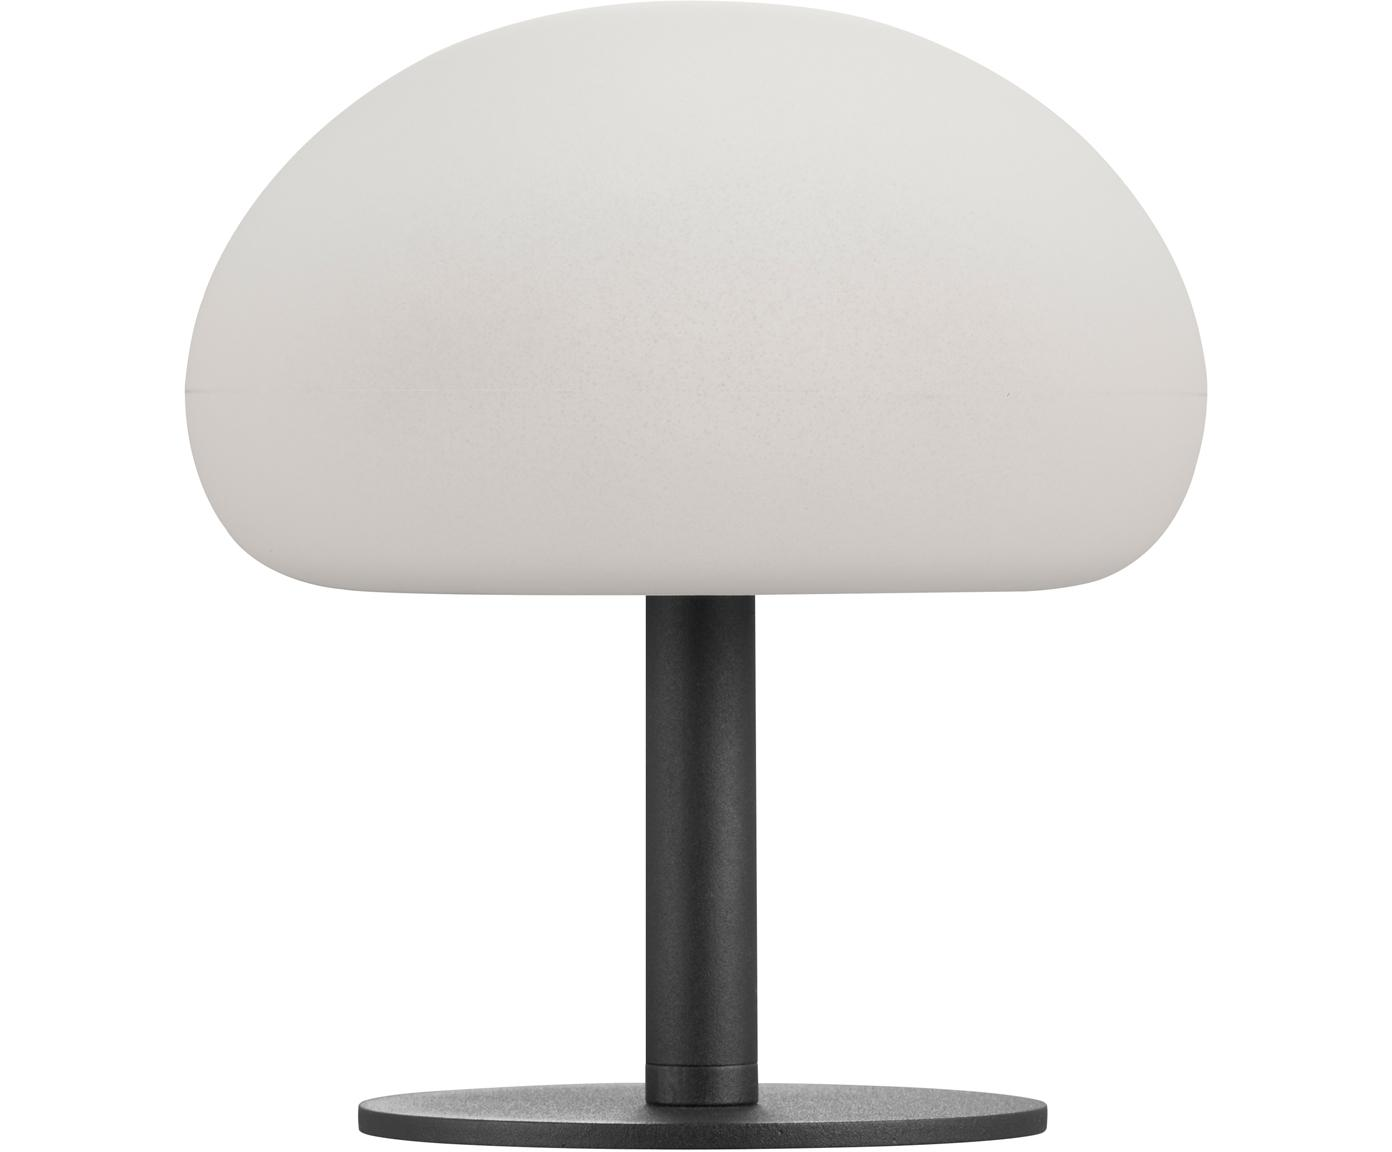 Lampada da tavolo a LED dimmerabile Sponge, Materiale sintetico (PVC), Bianco, nero, Ø 20 x Alt. 22 cm